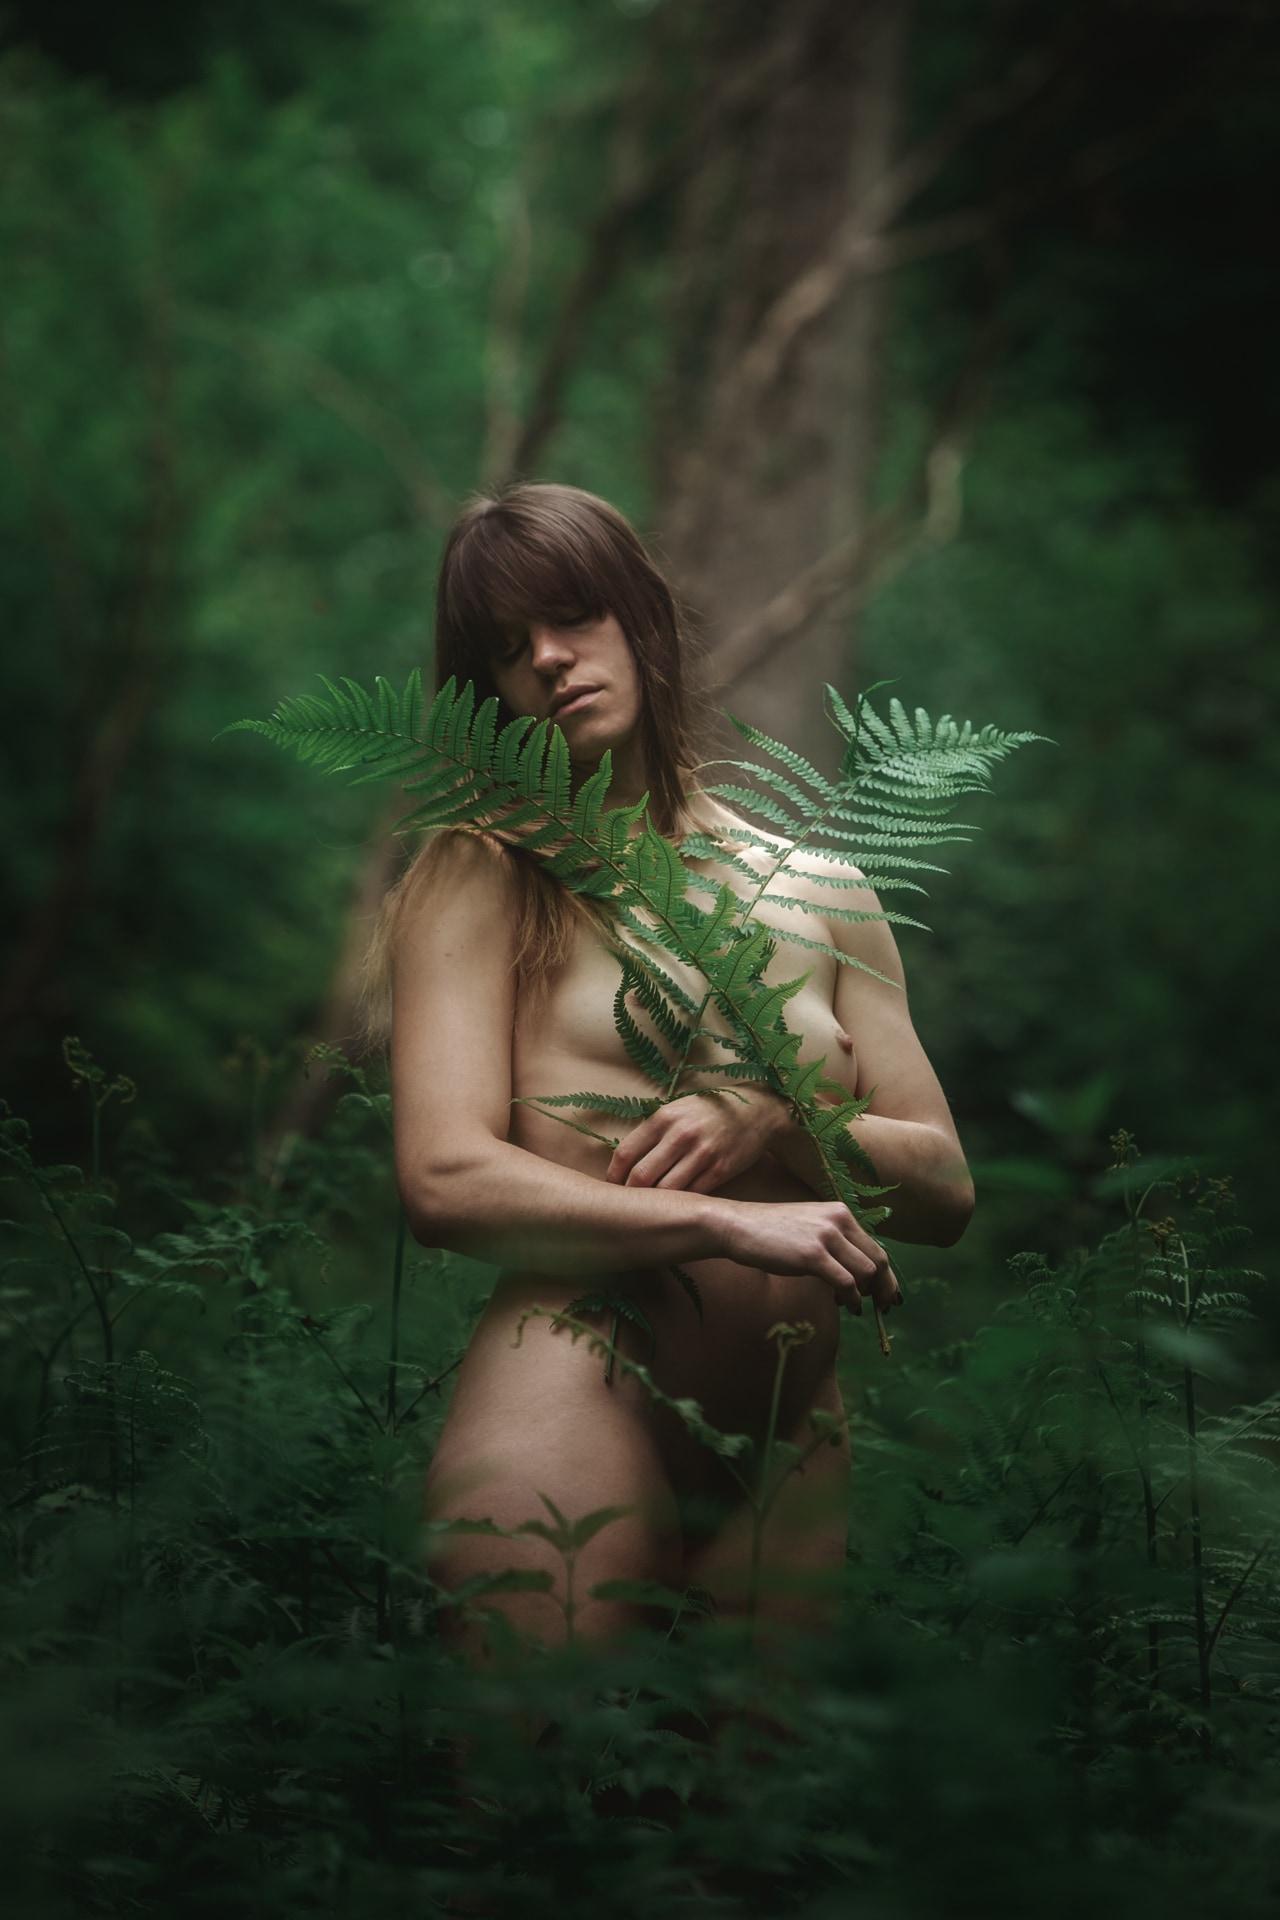 Mél - Forest - v1-photo-foret-nue-artistique-fougere-4